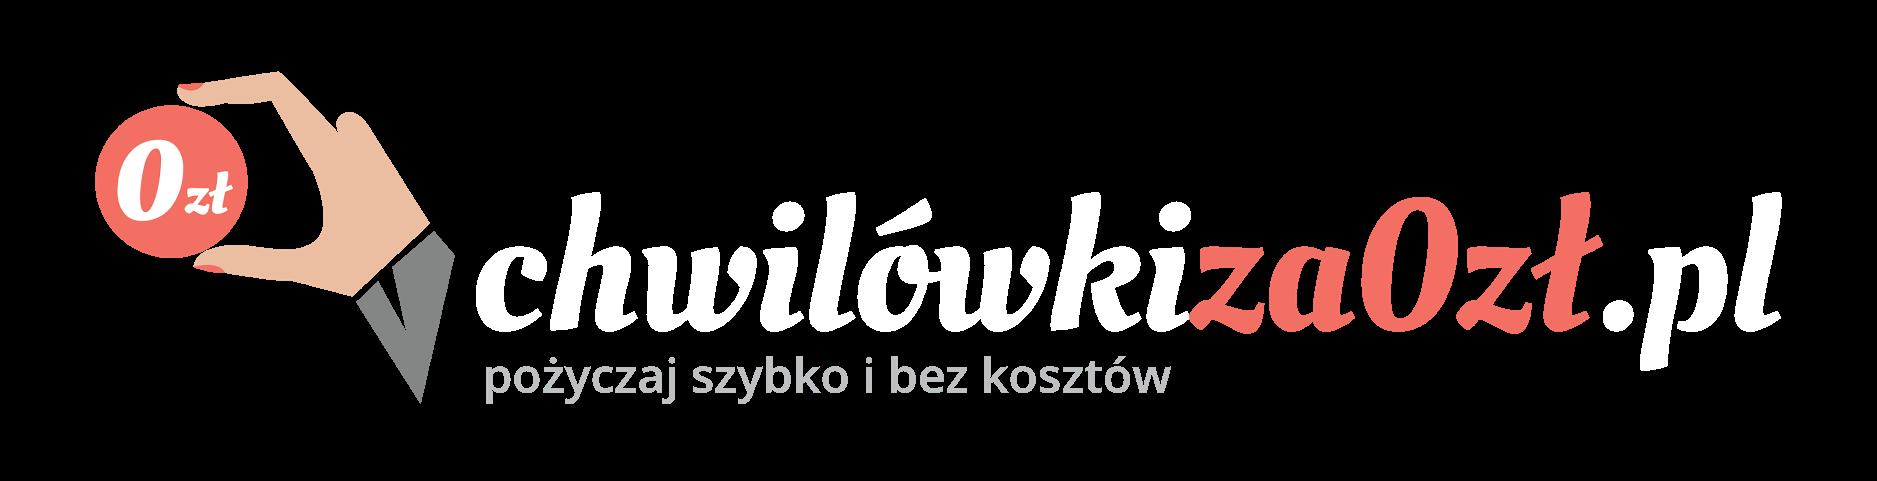 Chwilowkiza0zl.pl